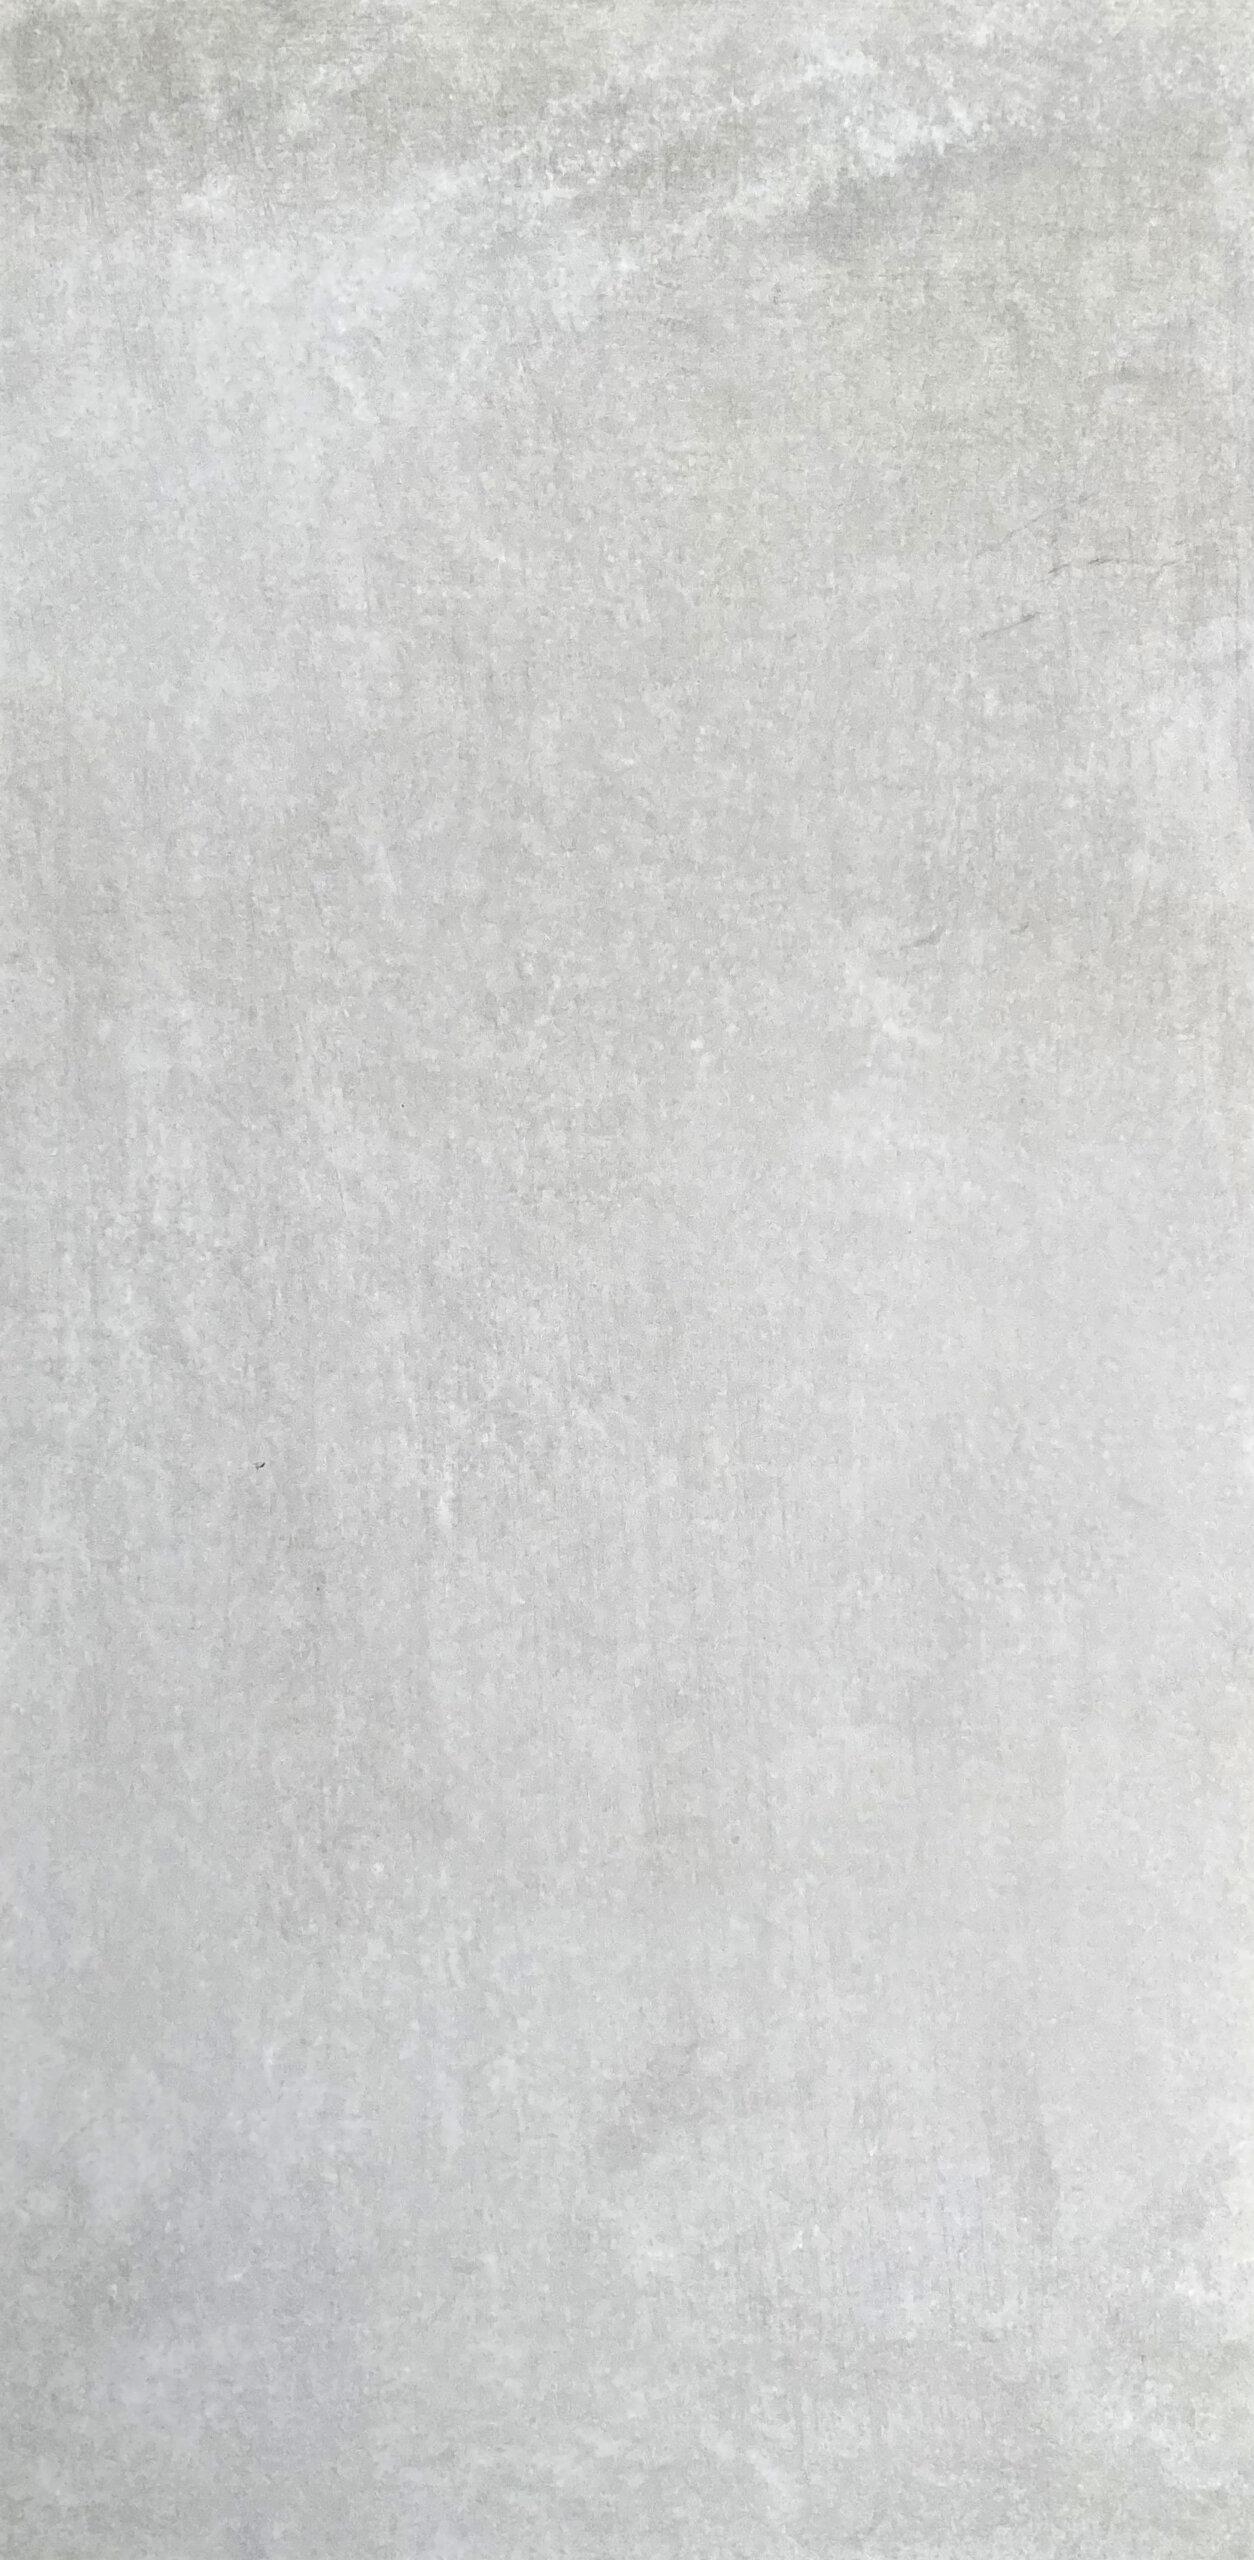 horton white matte 12x24 1 scaled